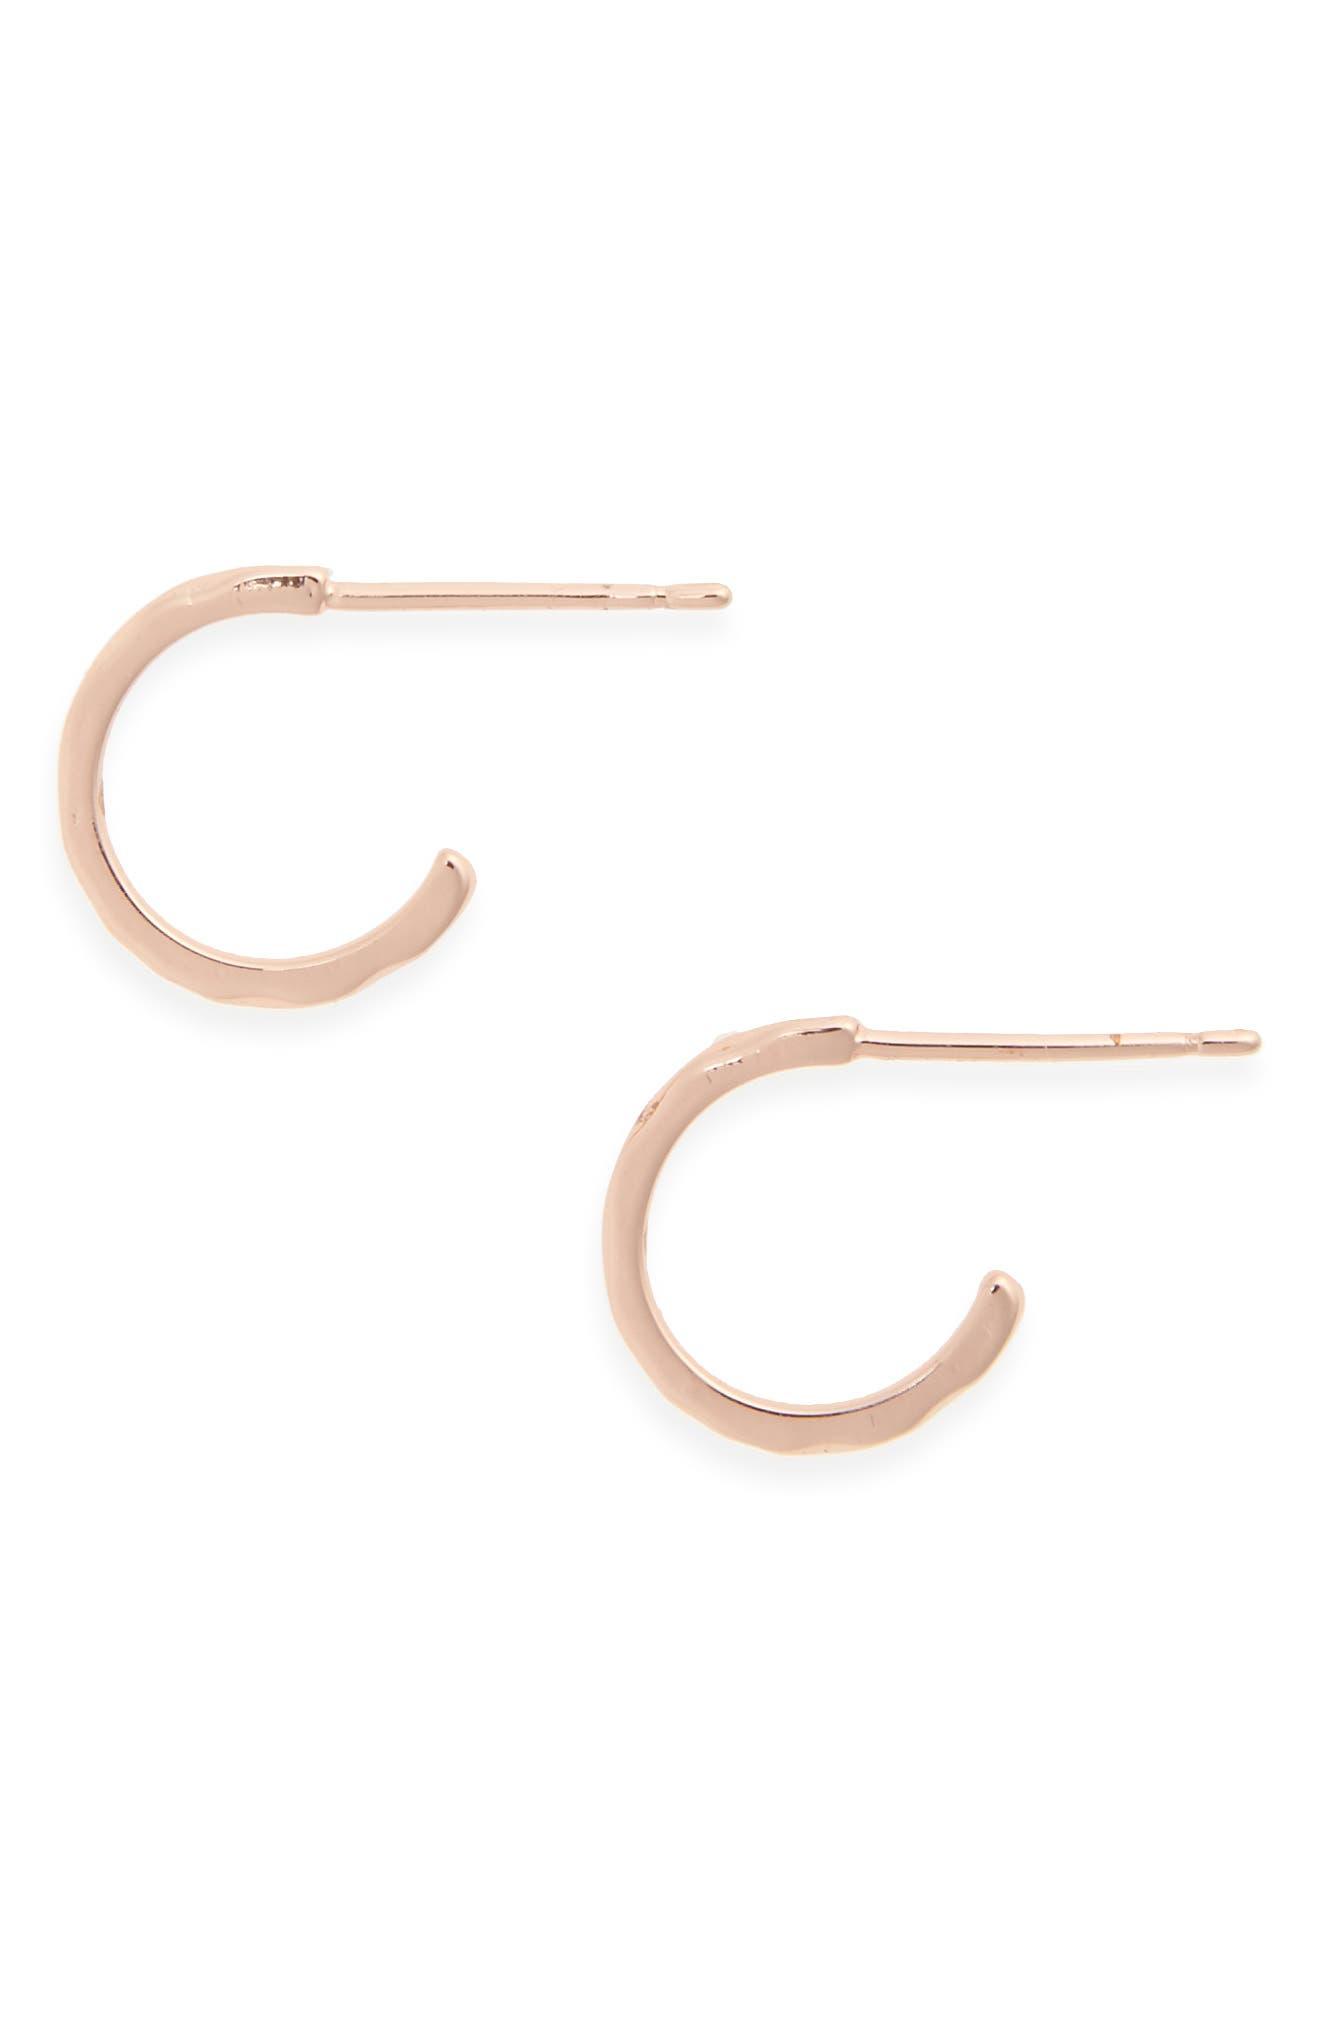 GORJANA 'Taner' Mini Hoop Earrings, Main, color, ROSE GOLD